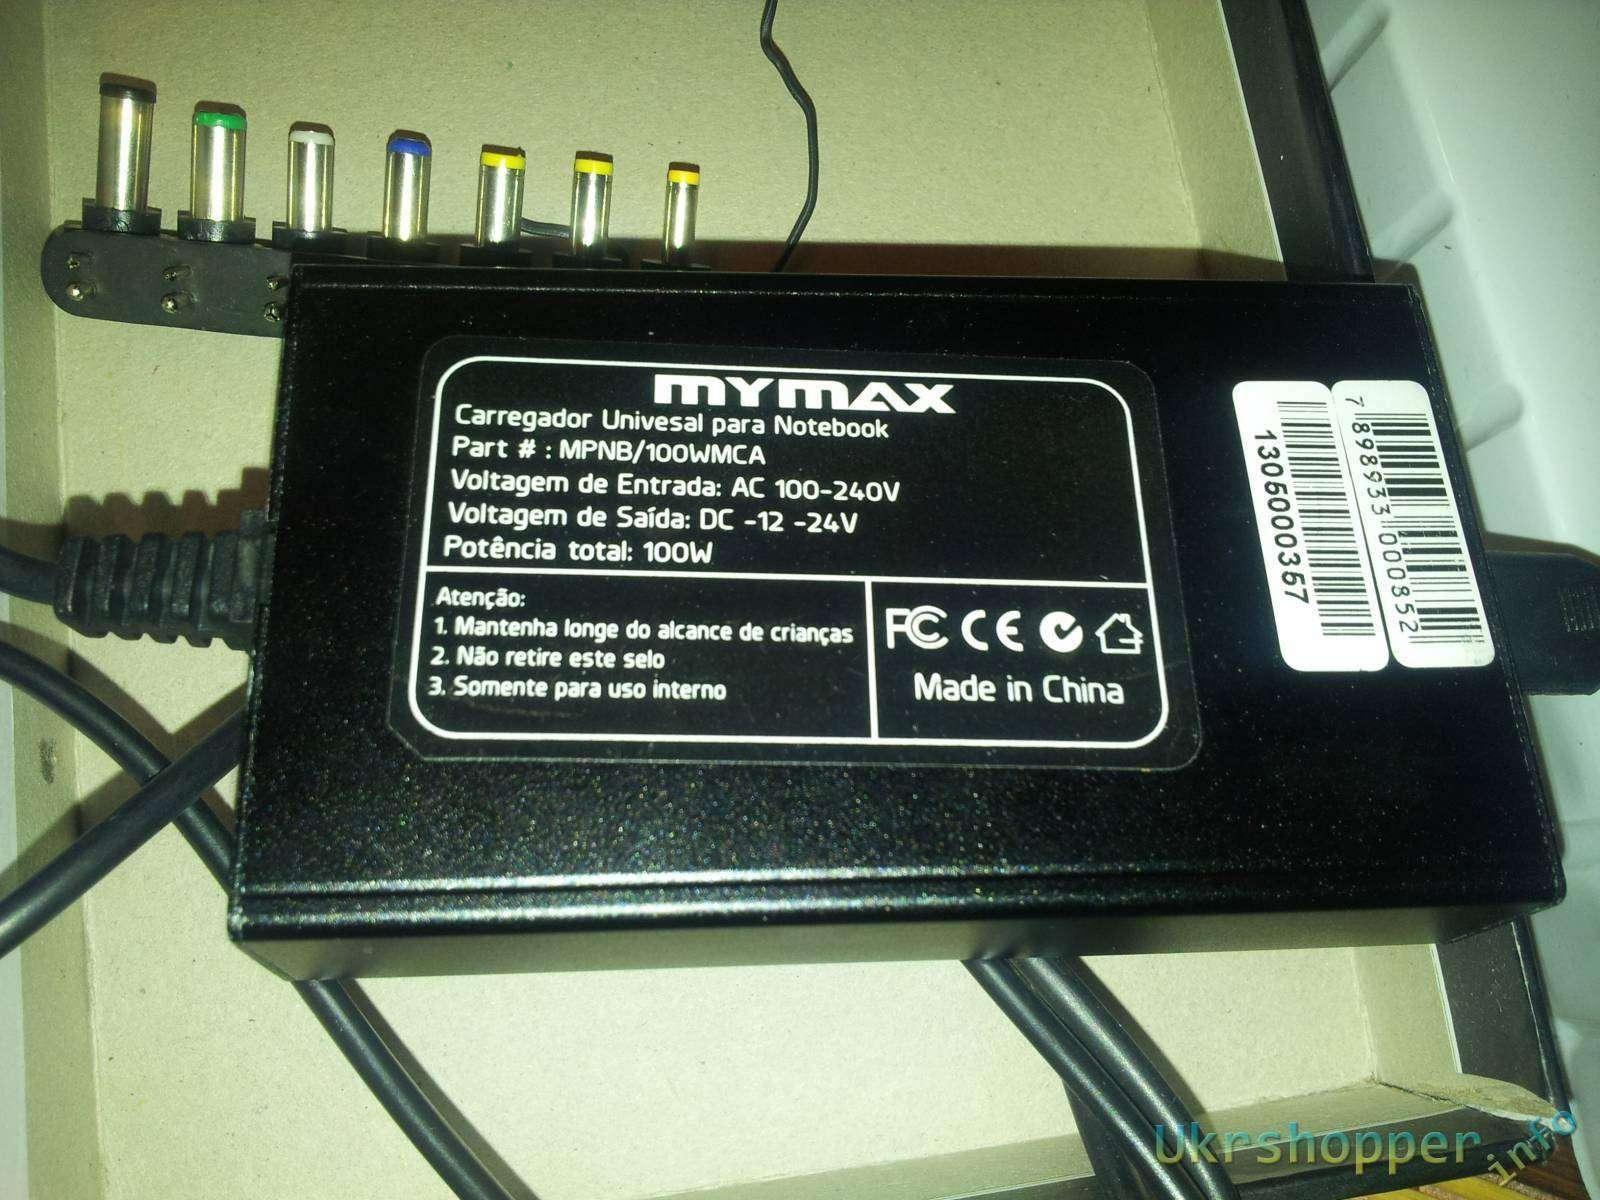 Aliexpress: Обзор универсального 100w зарядного устройства MYMAX для ноутбуков в автомобиль и домой